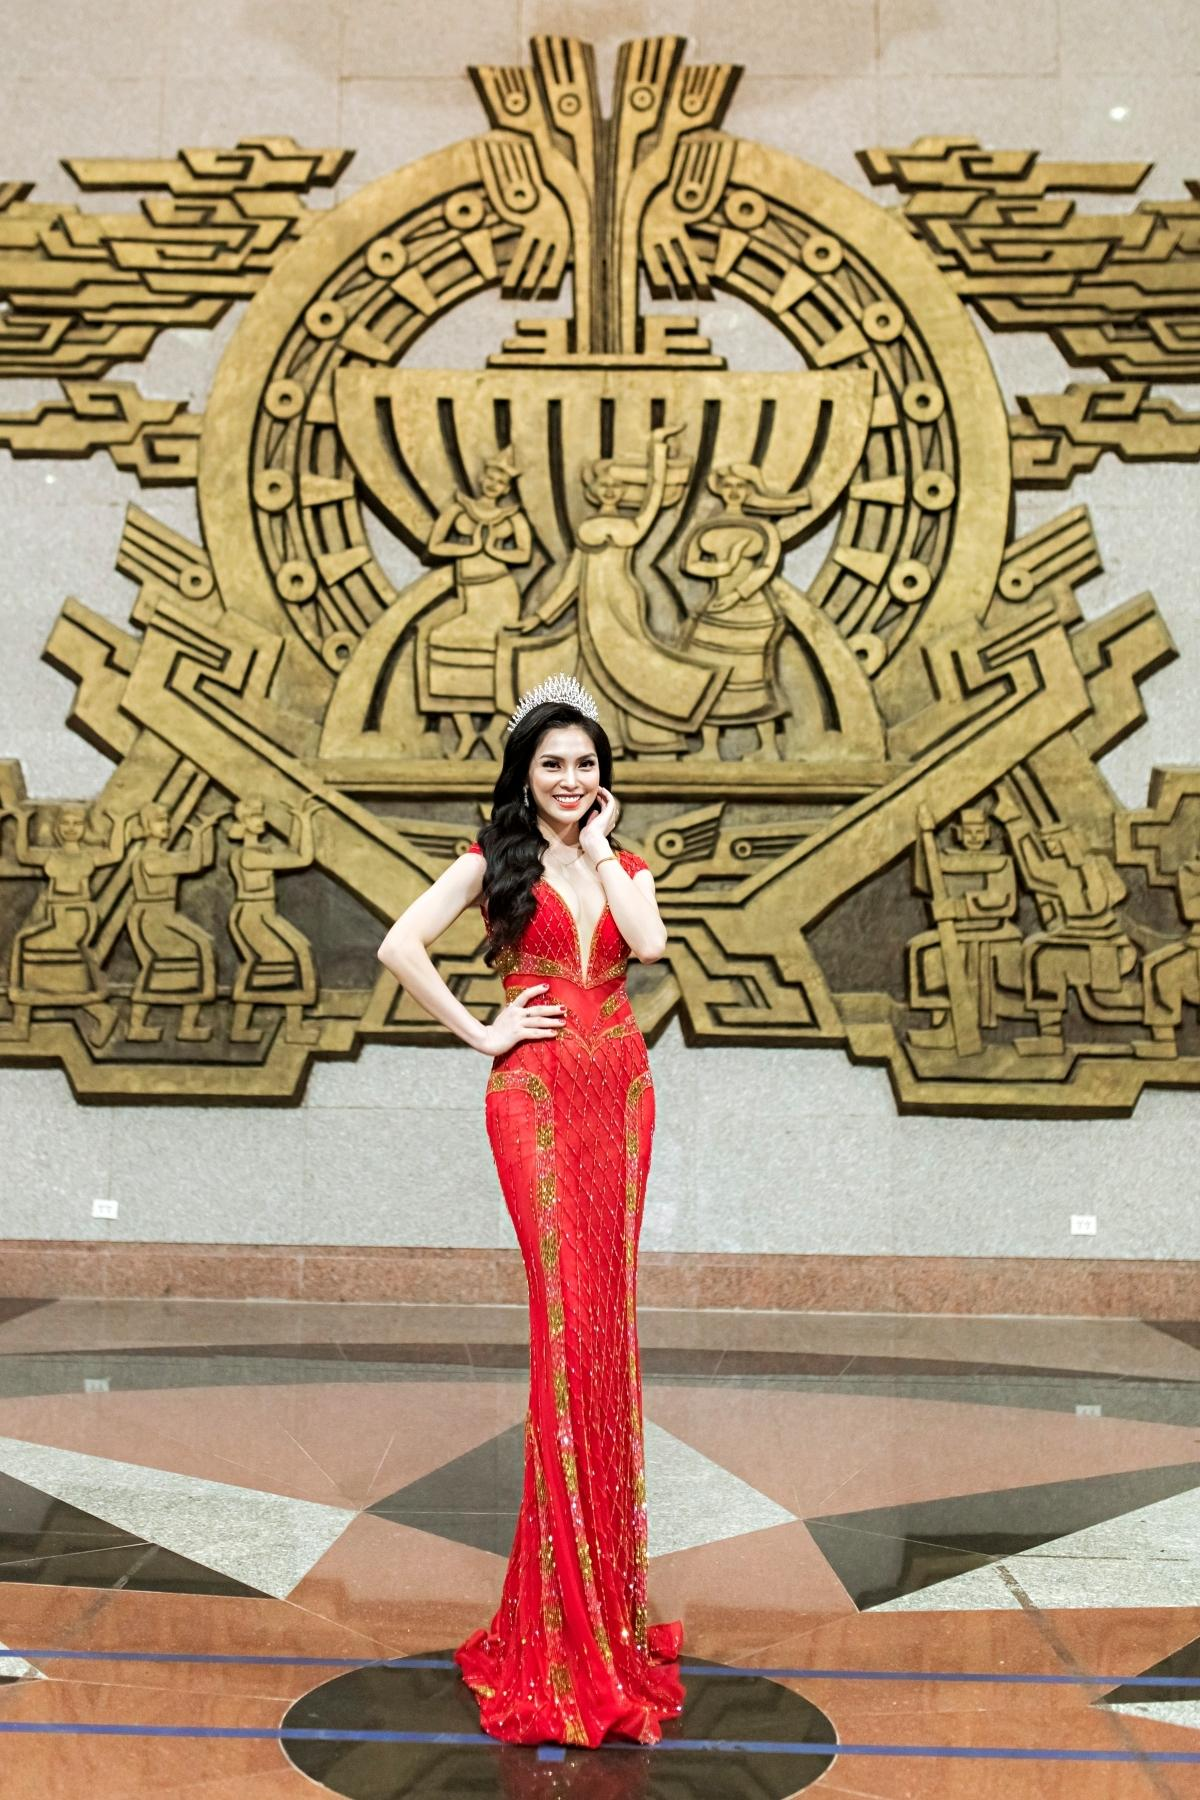 Kim Huyền Sâm xinh đẹp tại chung kết Đại sứ du lịch Quảng Trị 2021 Ảnh 2